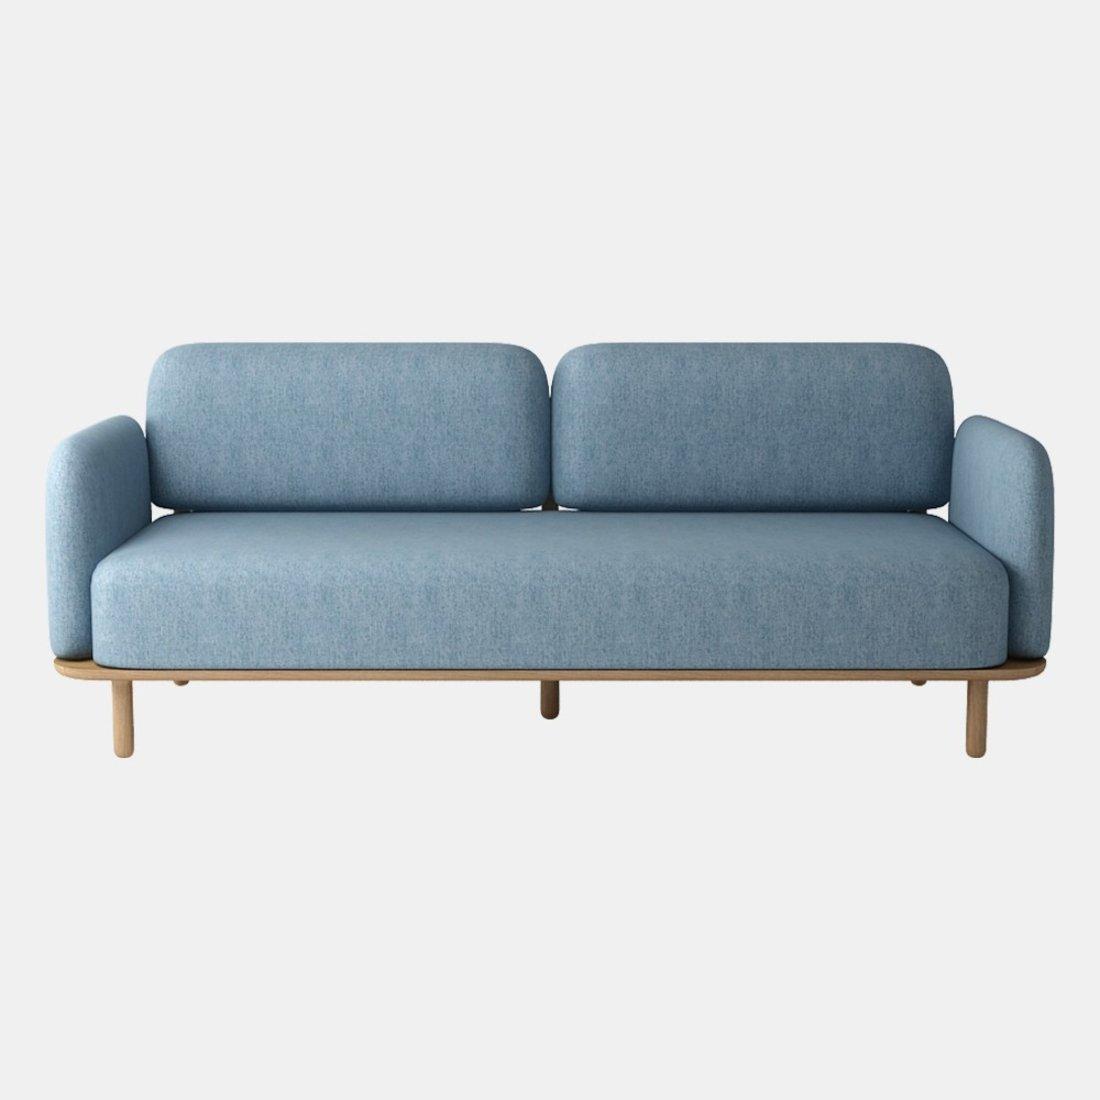 北欧三人布艺简约实木沙发